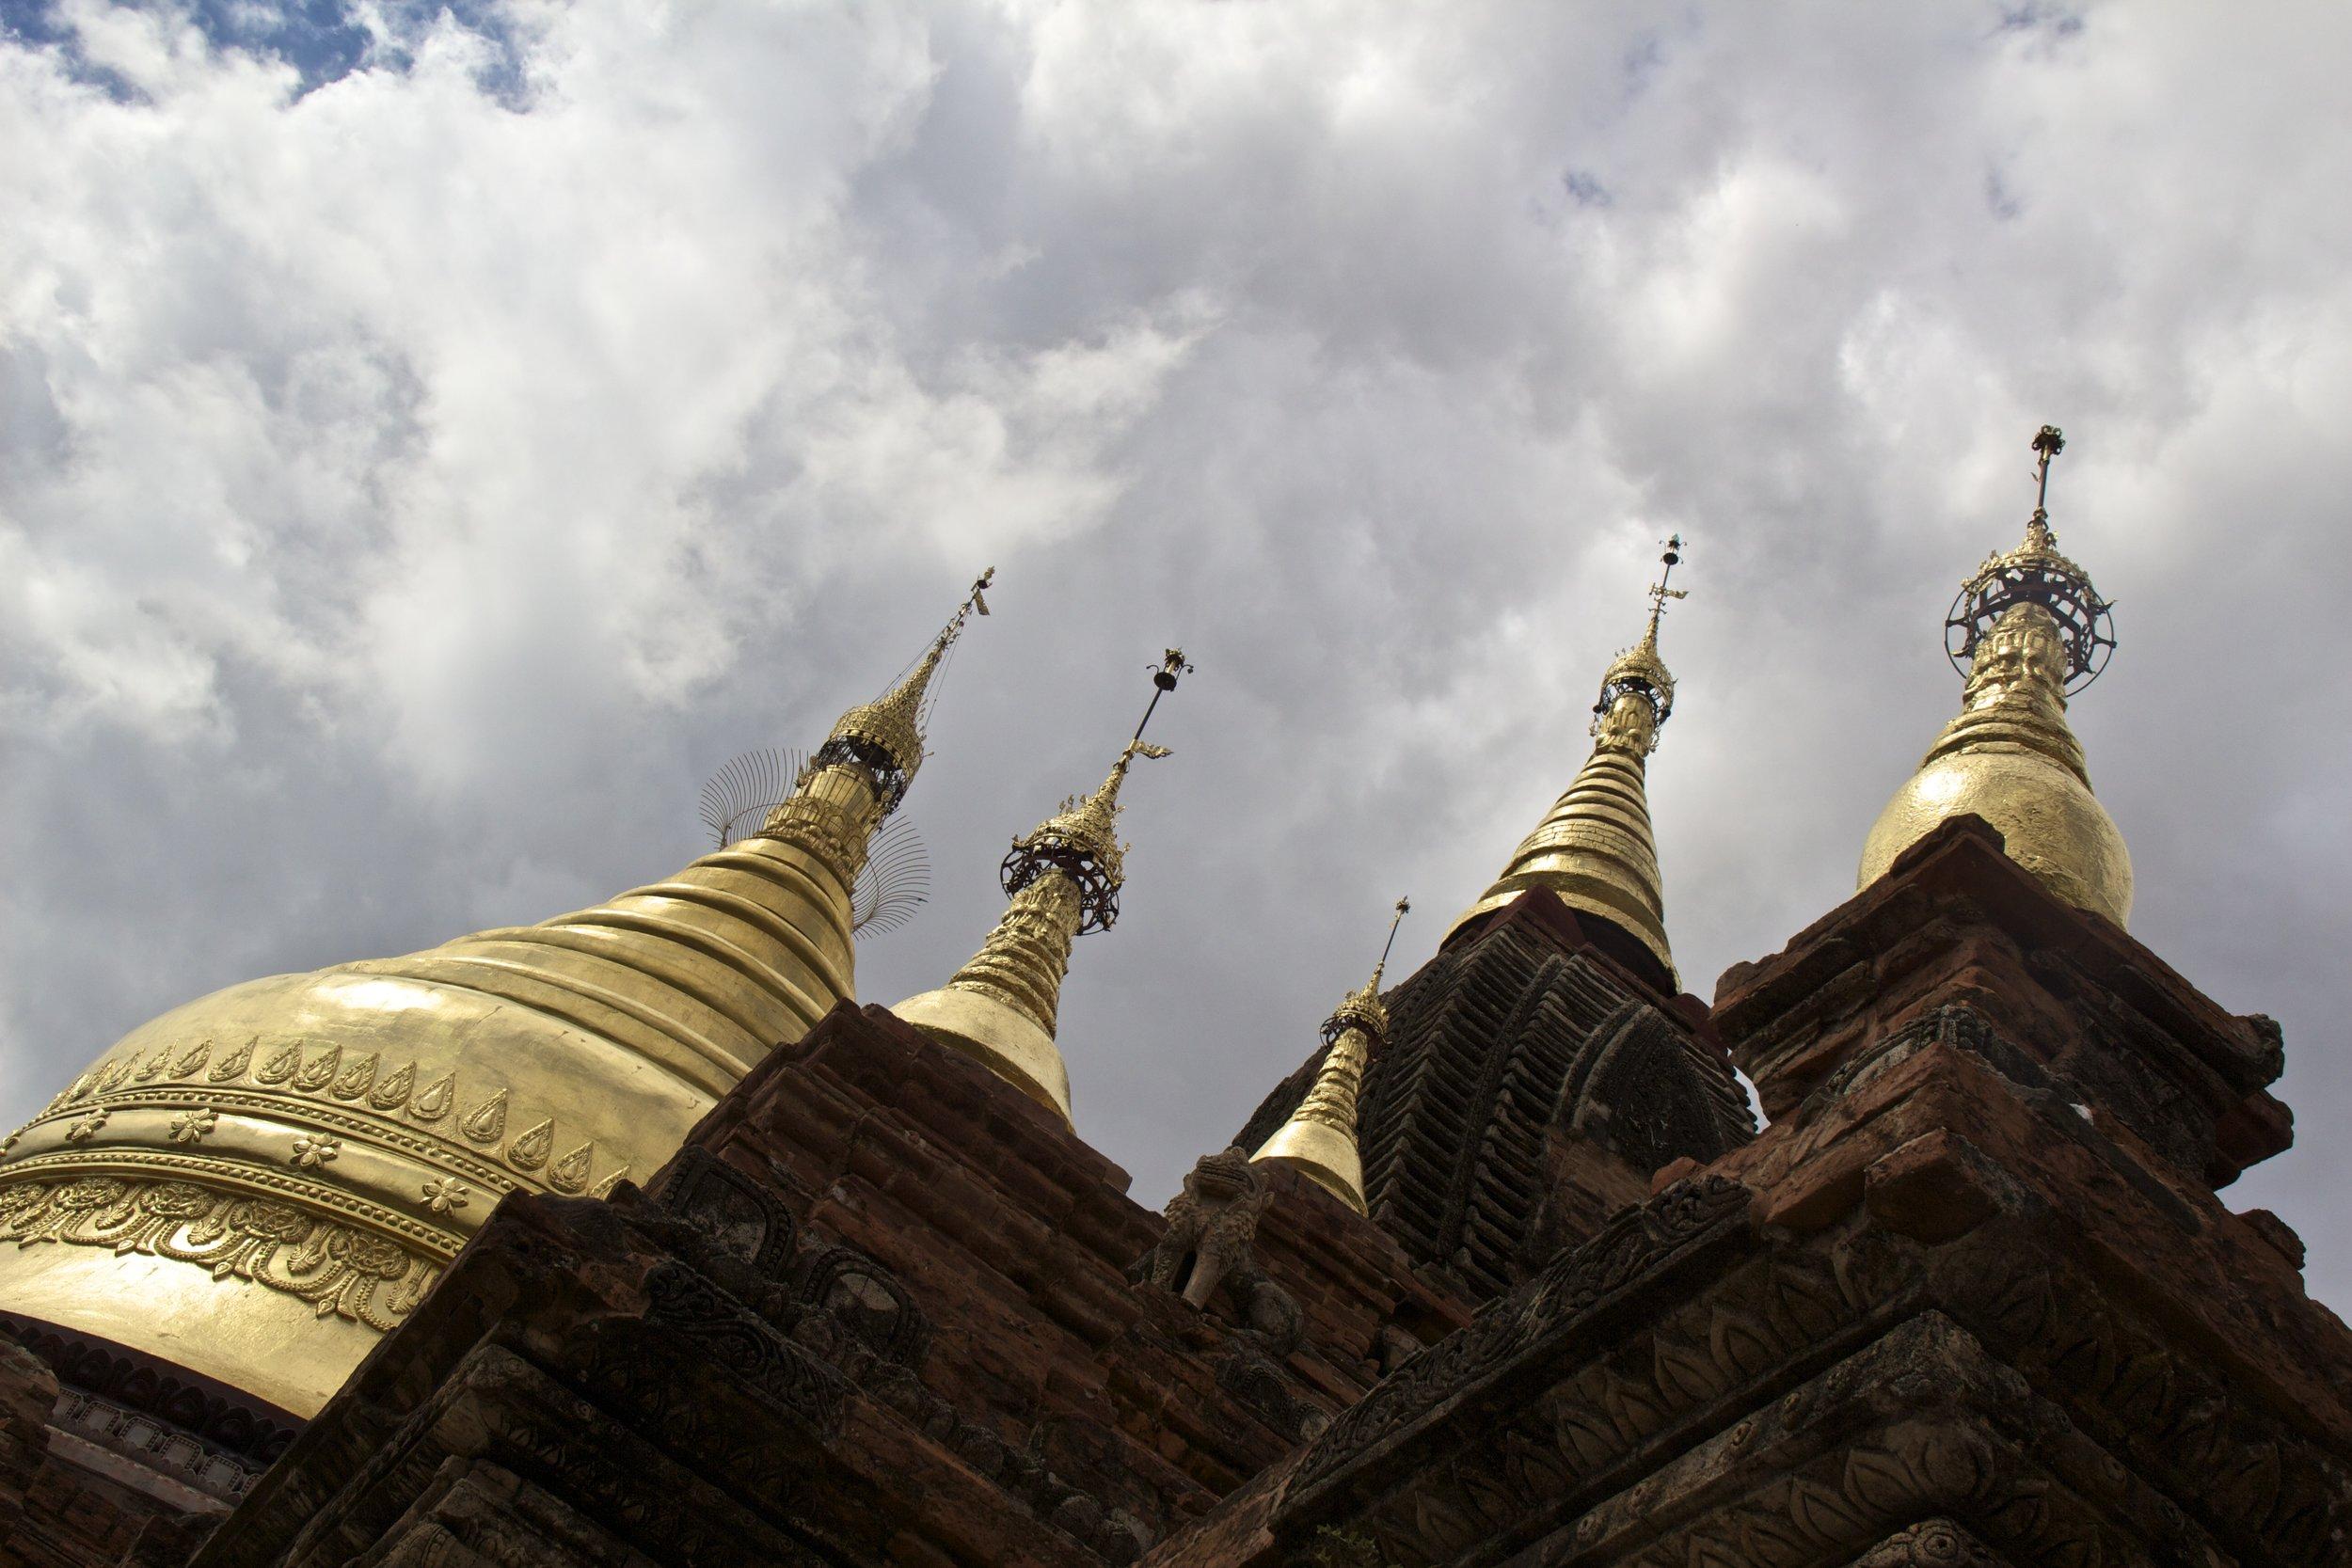 bagan burma myanmar buddhist temples 10.jpg